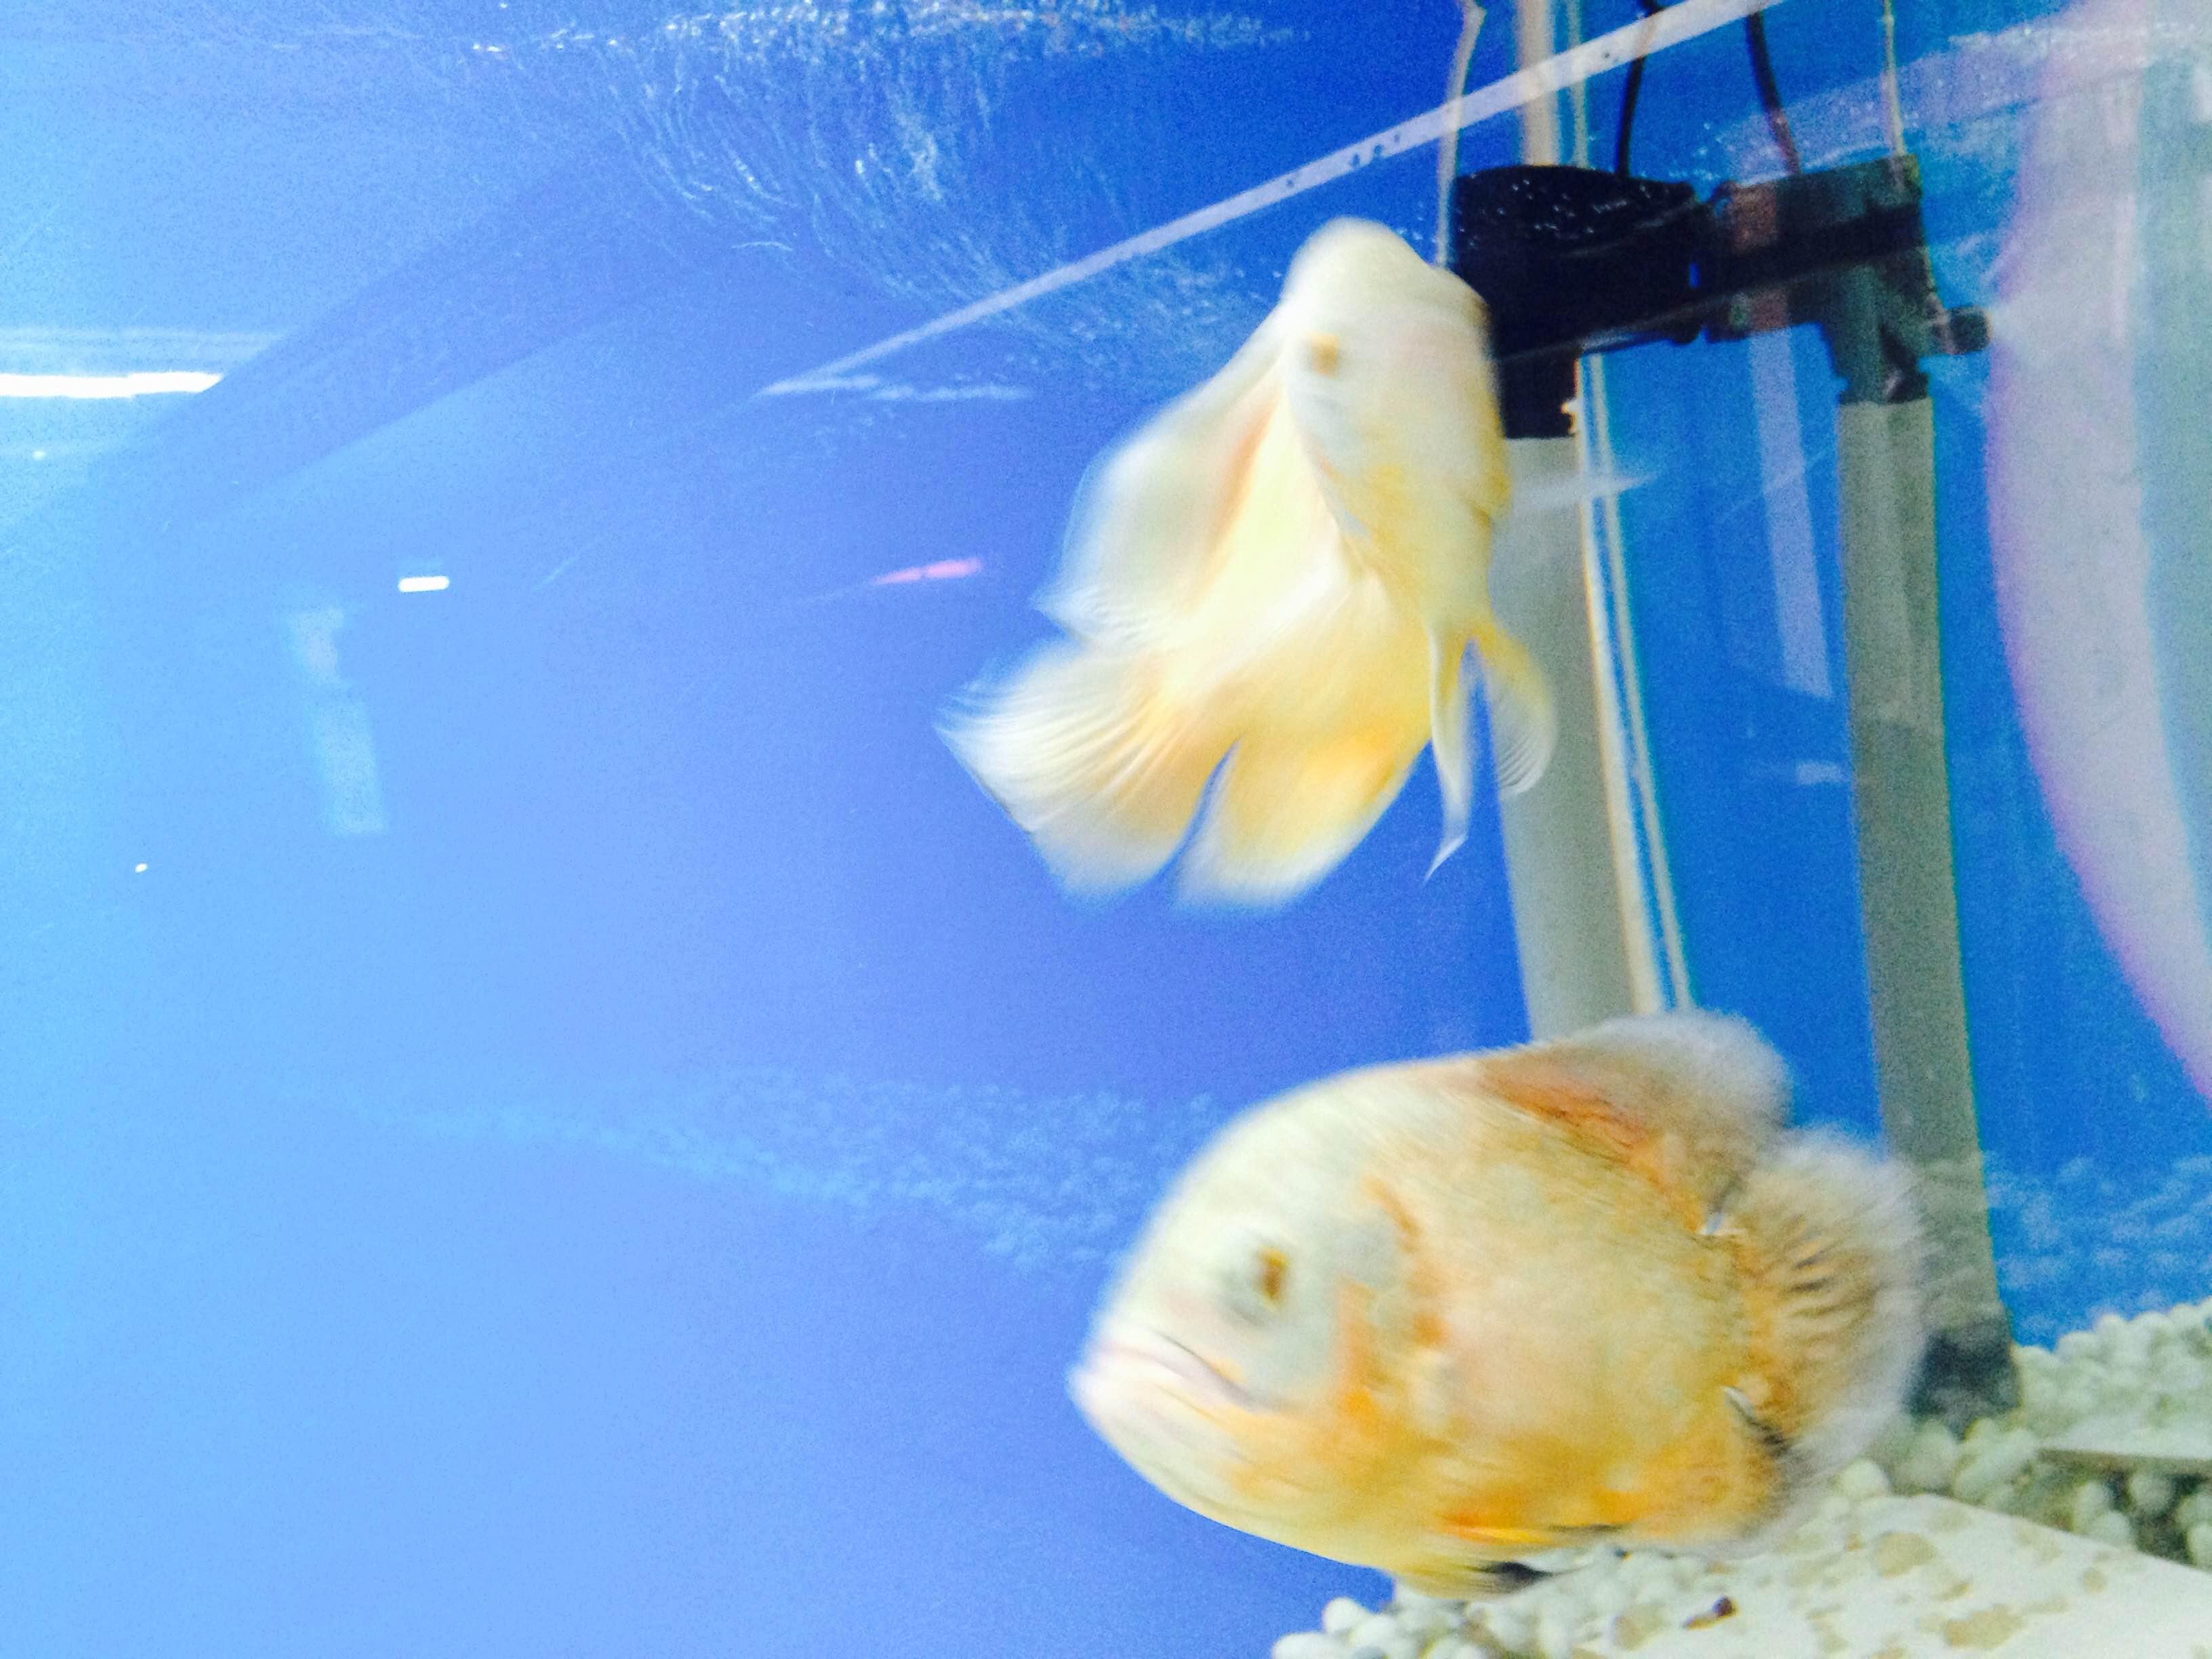 Fish aquarium in ecr - More Carps The Oscars